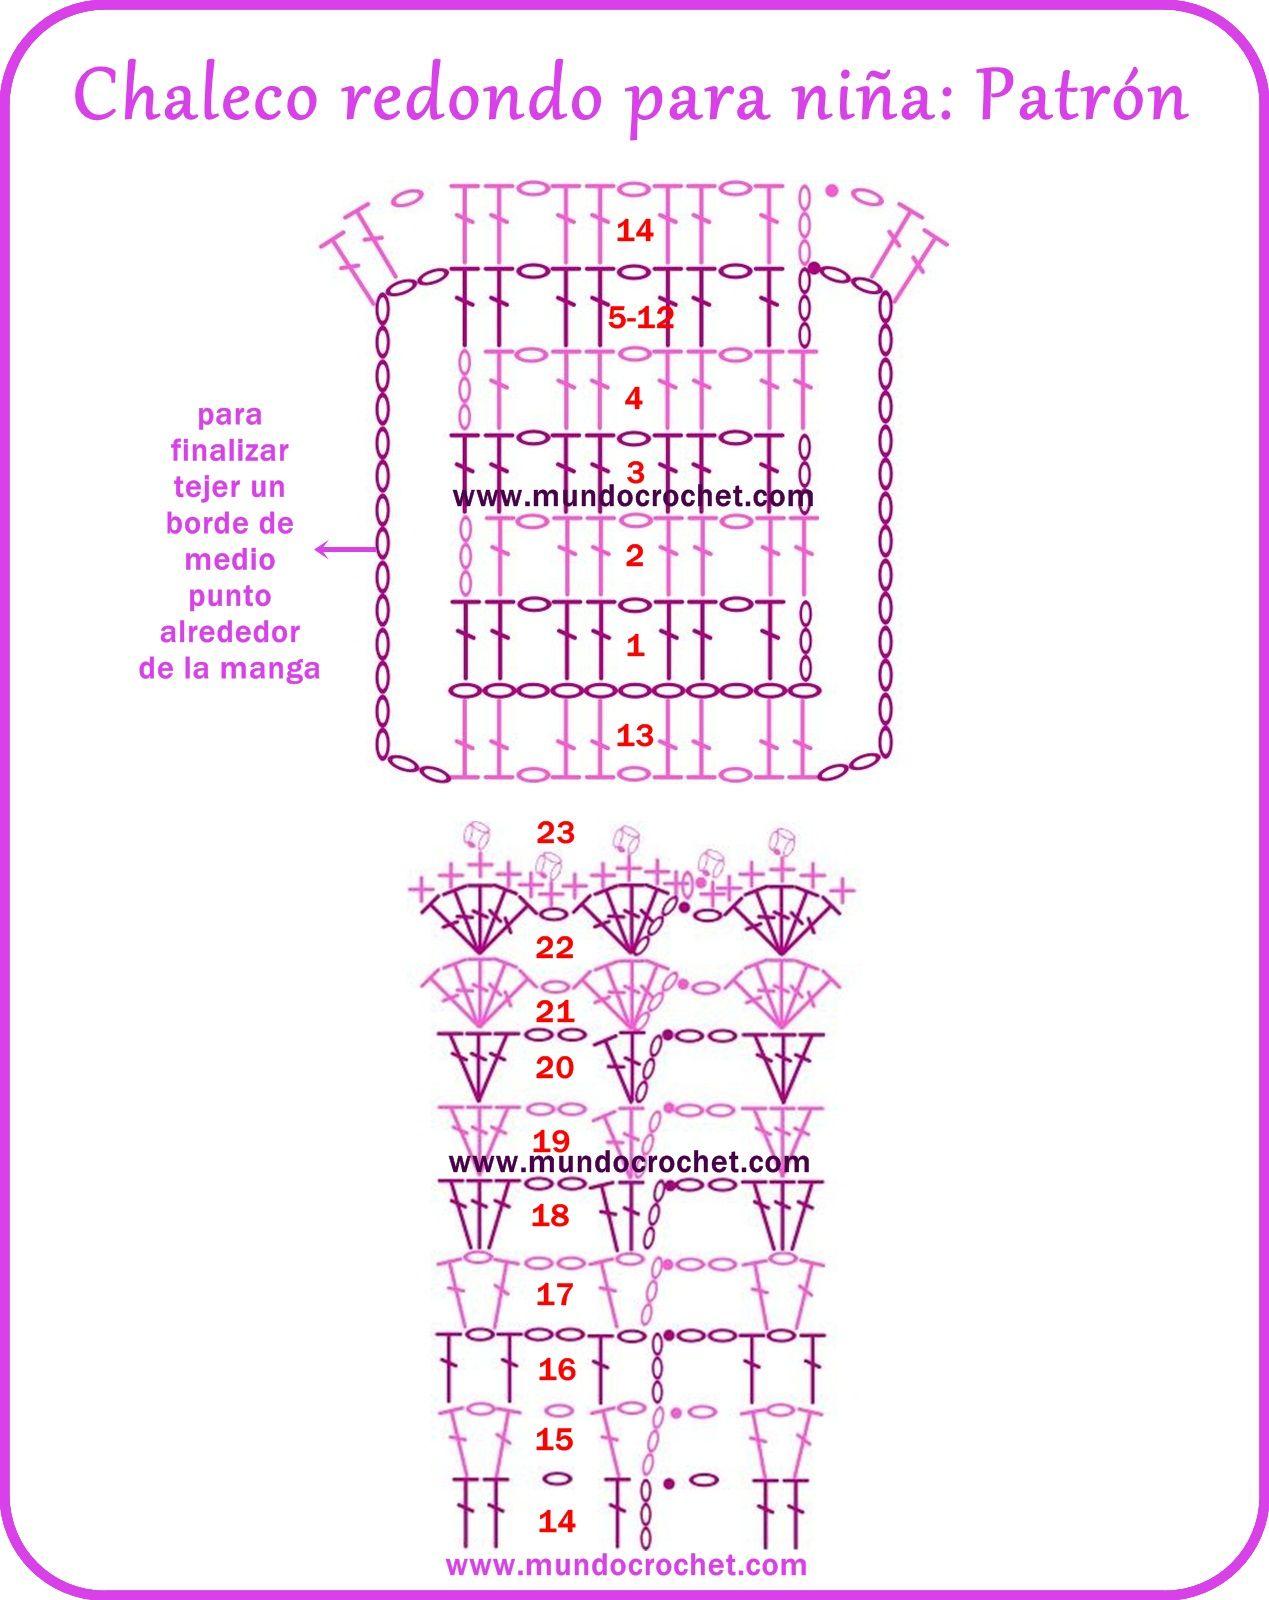 Chaleco redondo a crochet para niña: patrón y paso a paso | Patrones ...